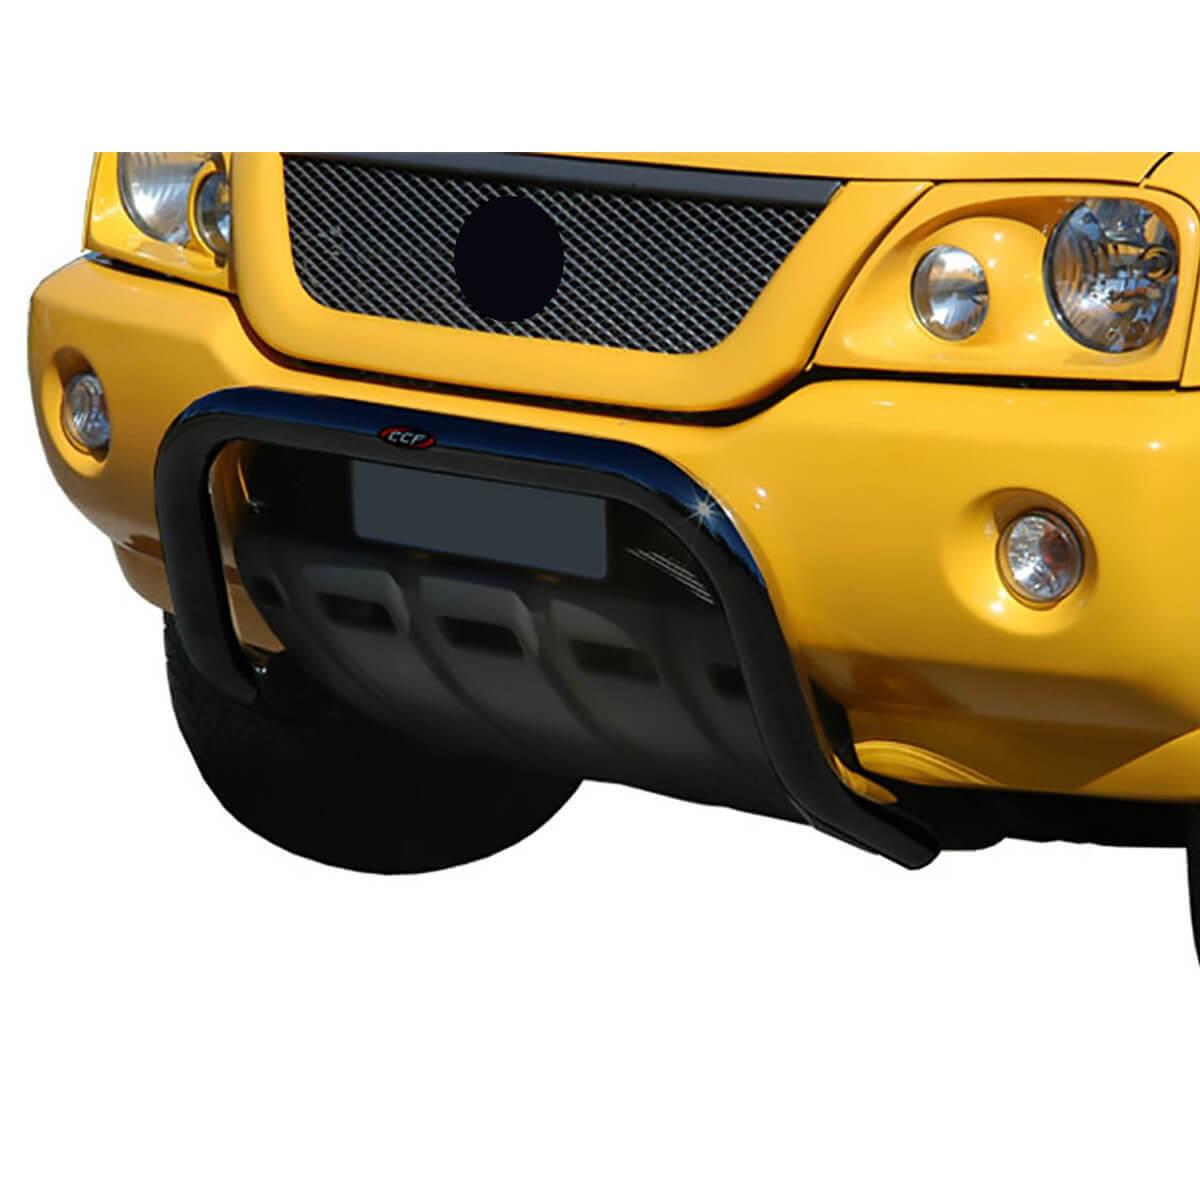 Parachoque impulsão preto L200 Sport 2004 a 2007 ou L200 Outdoor 2007 a 2012